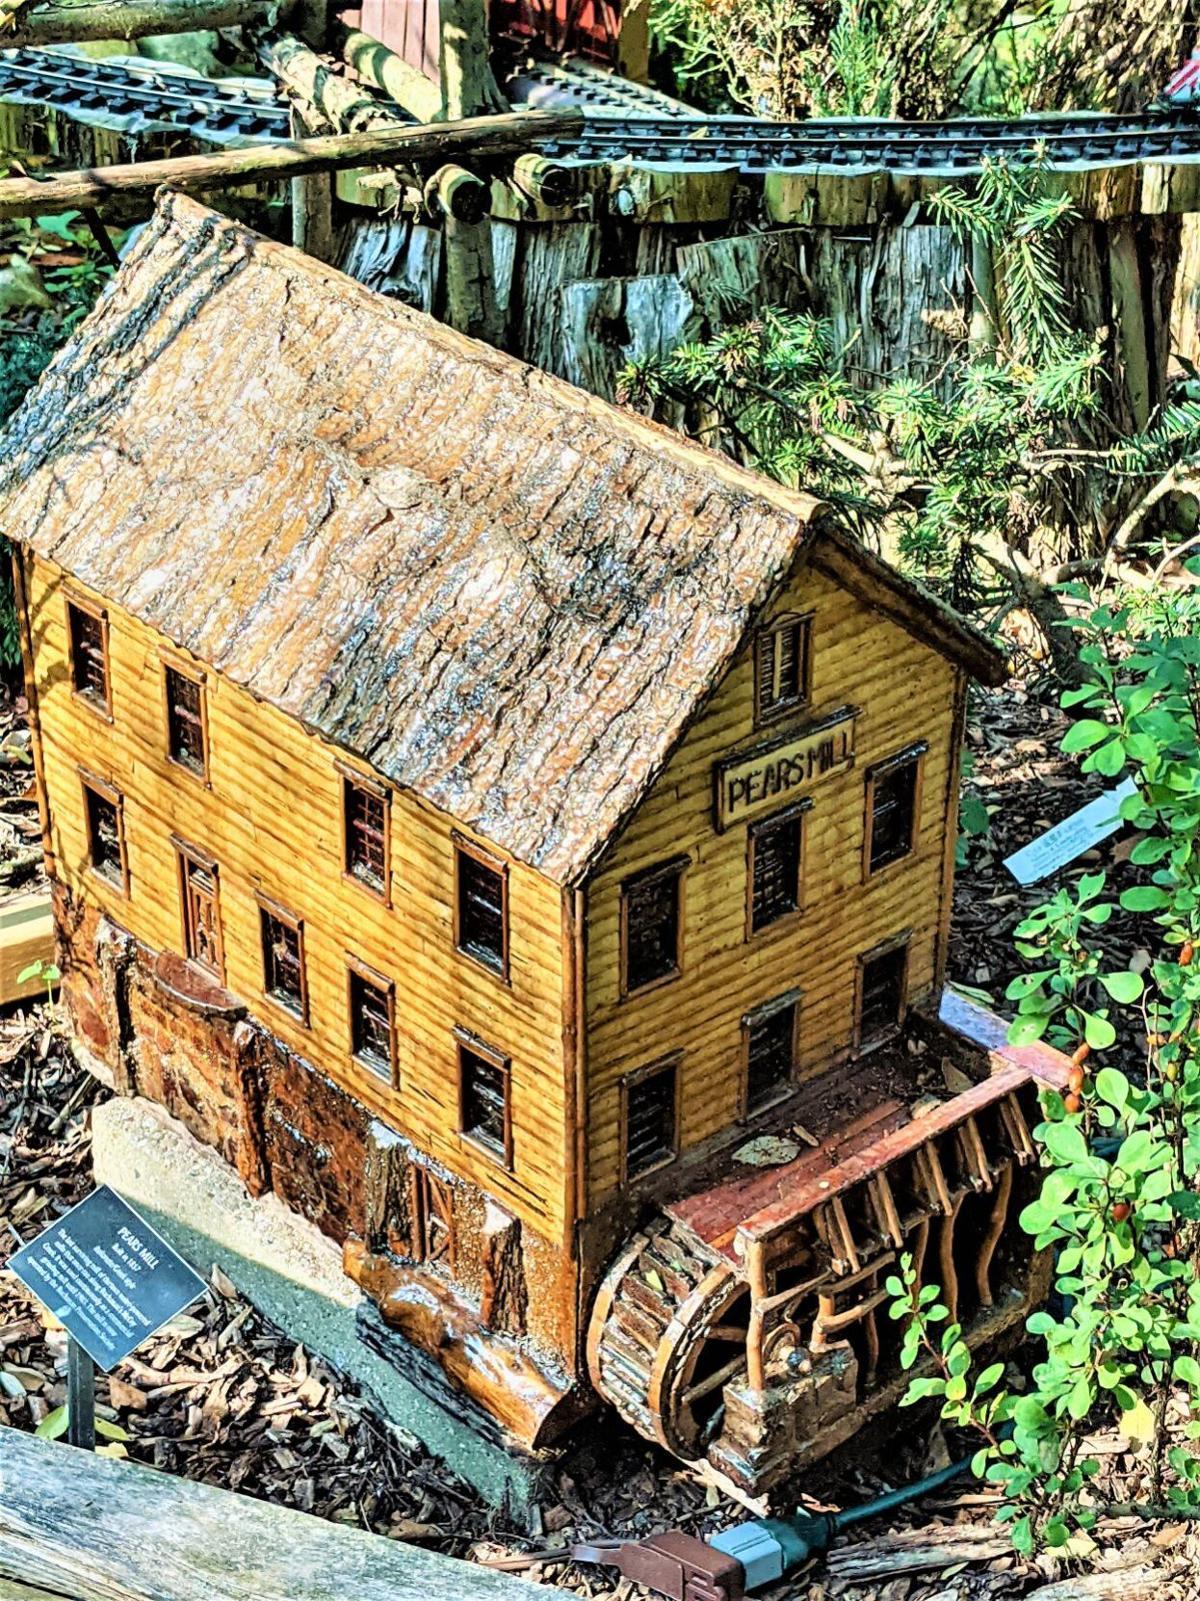 Fernwood railroad garden Pear's Mill